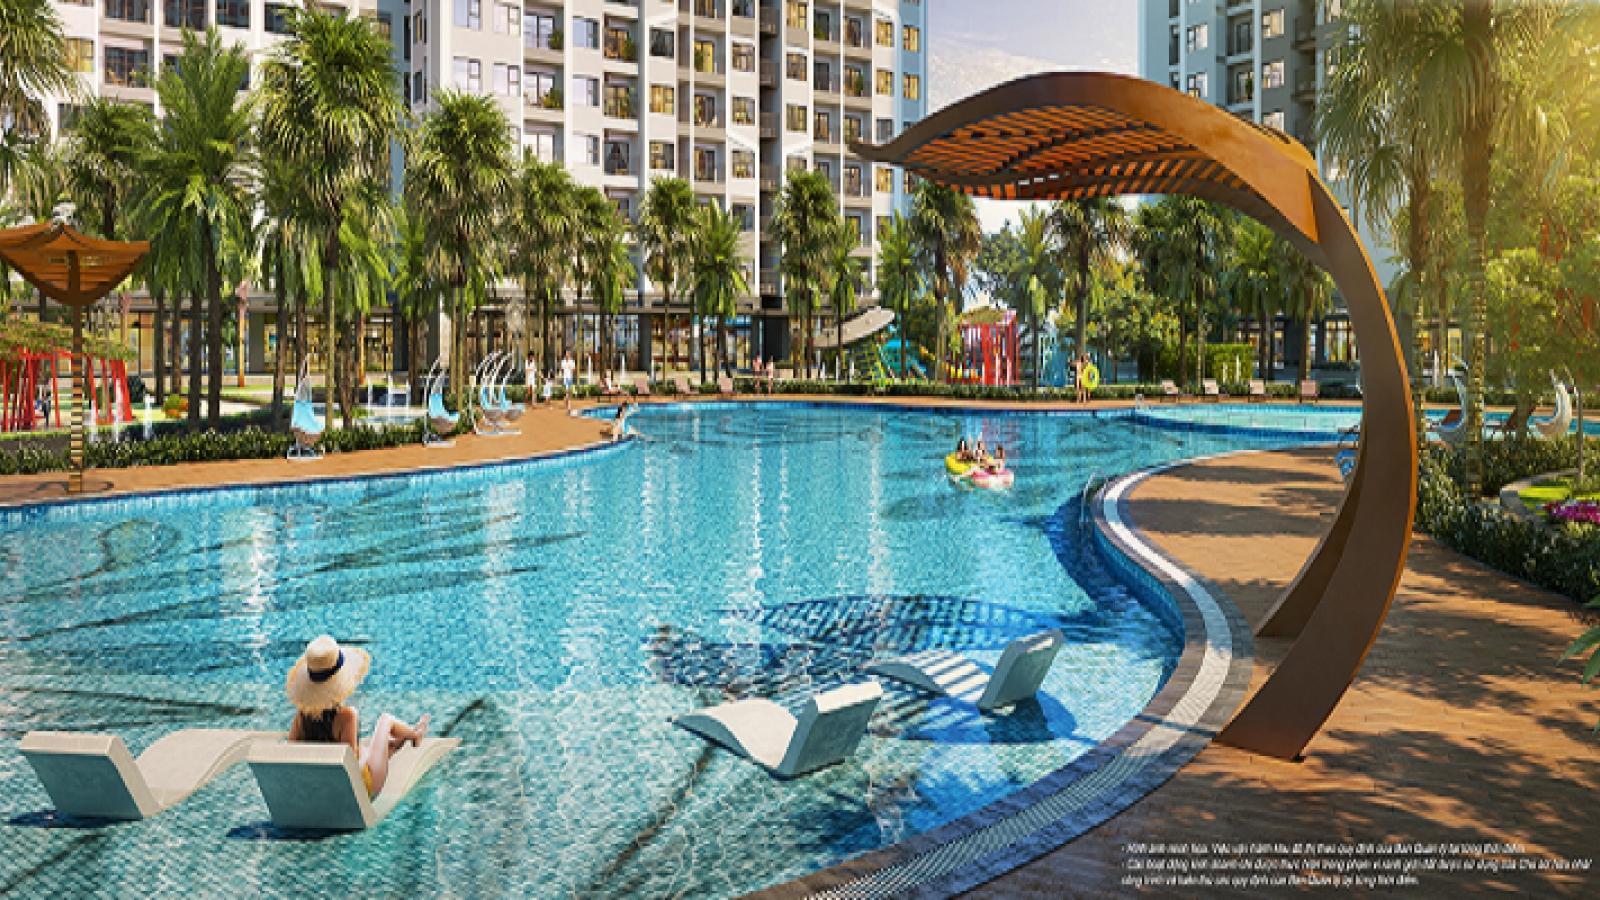 Bể bơi nhiệt đới 1.000 m2 phong cách Mỹ - chuẩn sống nghỉ dưỡng của The Miami